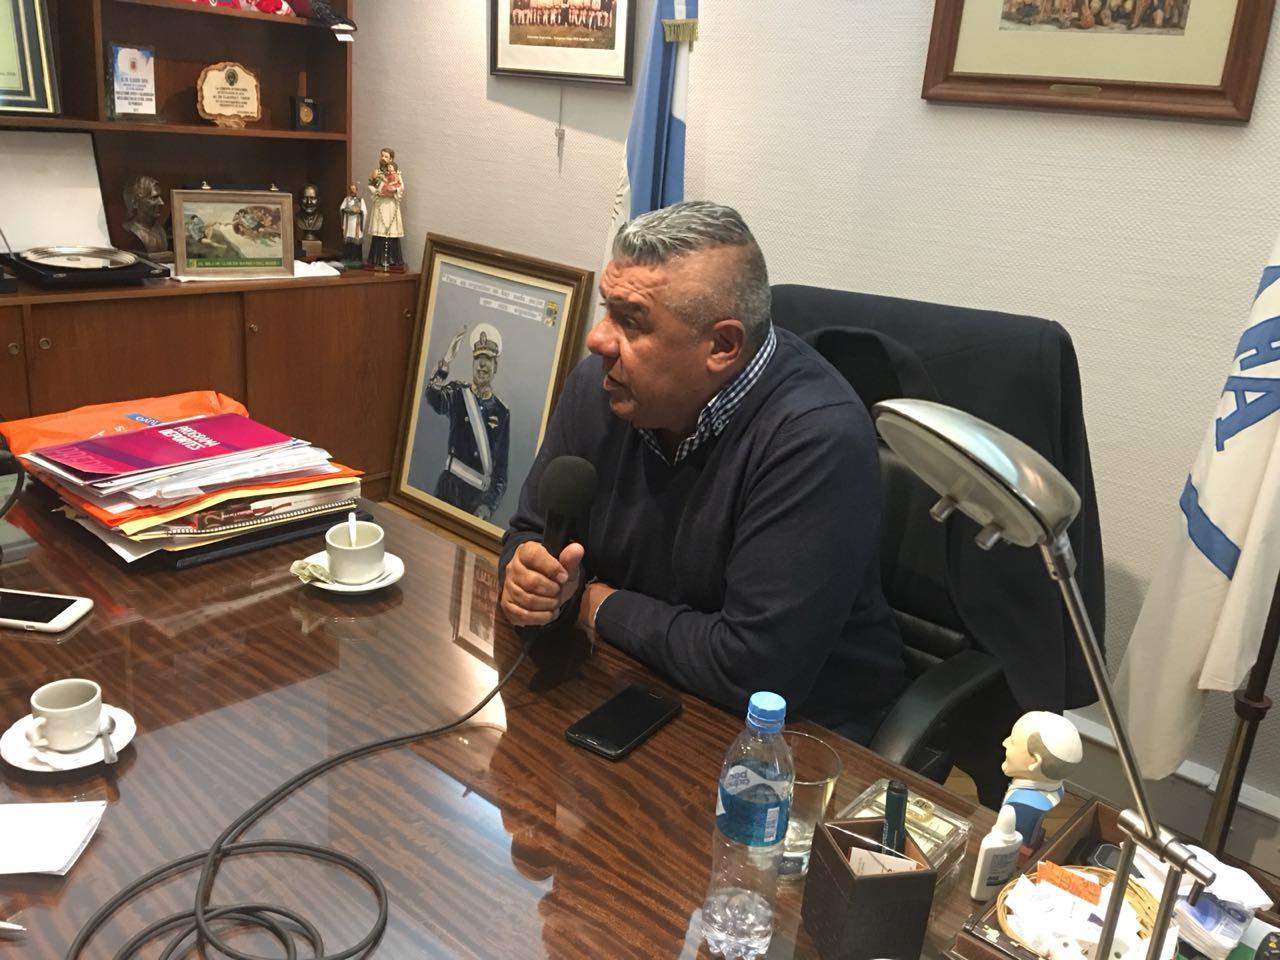 阿根廷足协主席:梅西不会退出国家队 现在让他静静